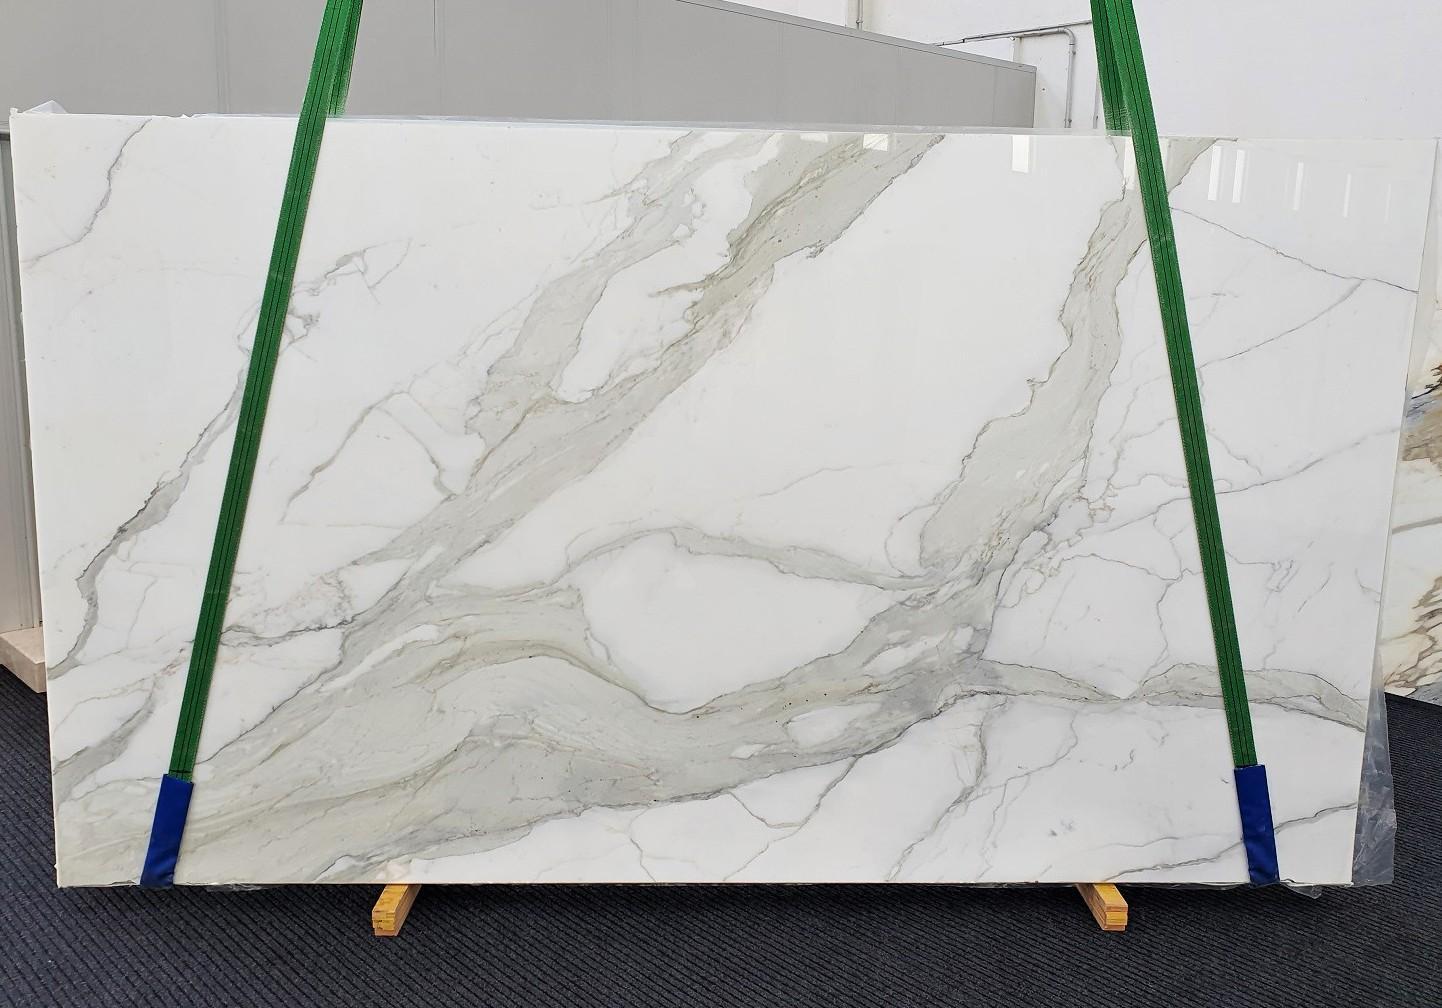 CALACATTA ORO EXTRA Suministro Veneto (Italia) de planchas pulidas en mármol natural 1366 , Slab #09